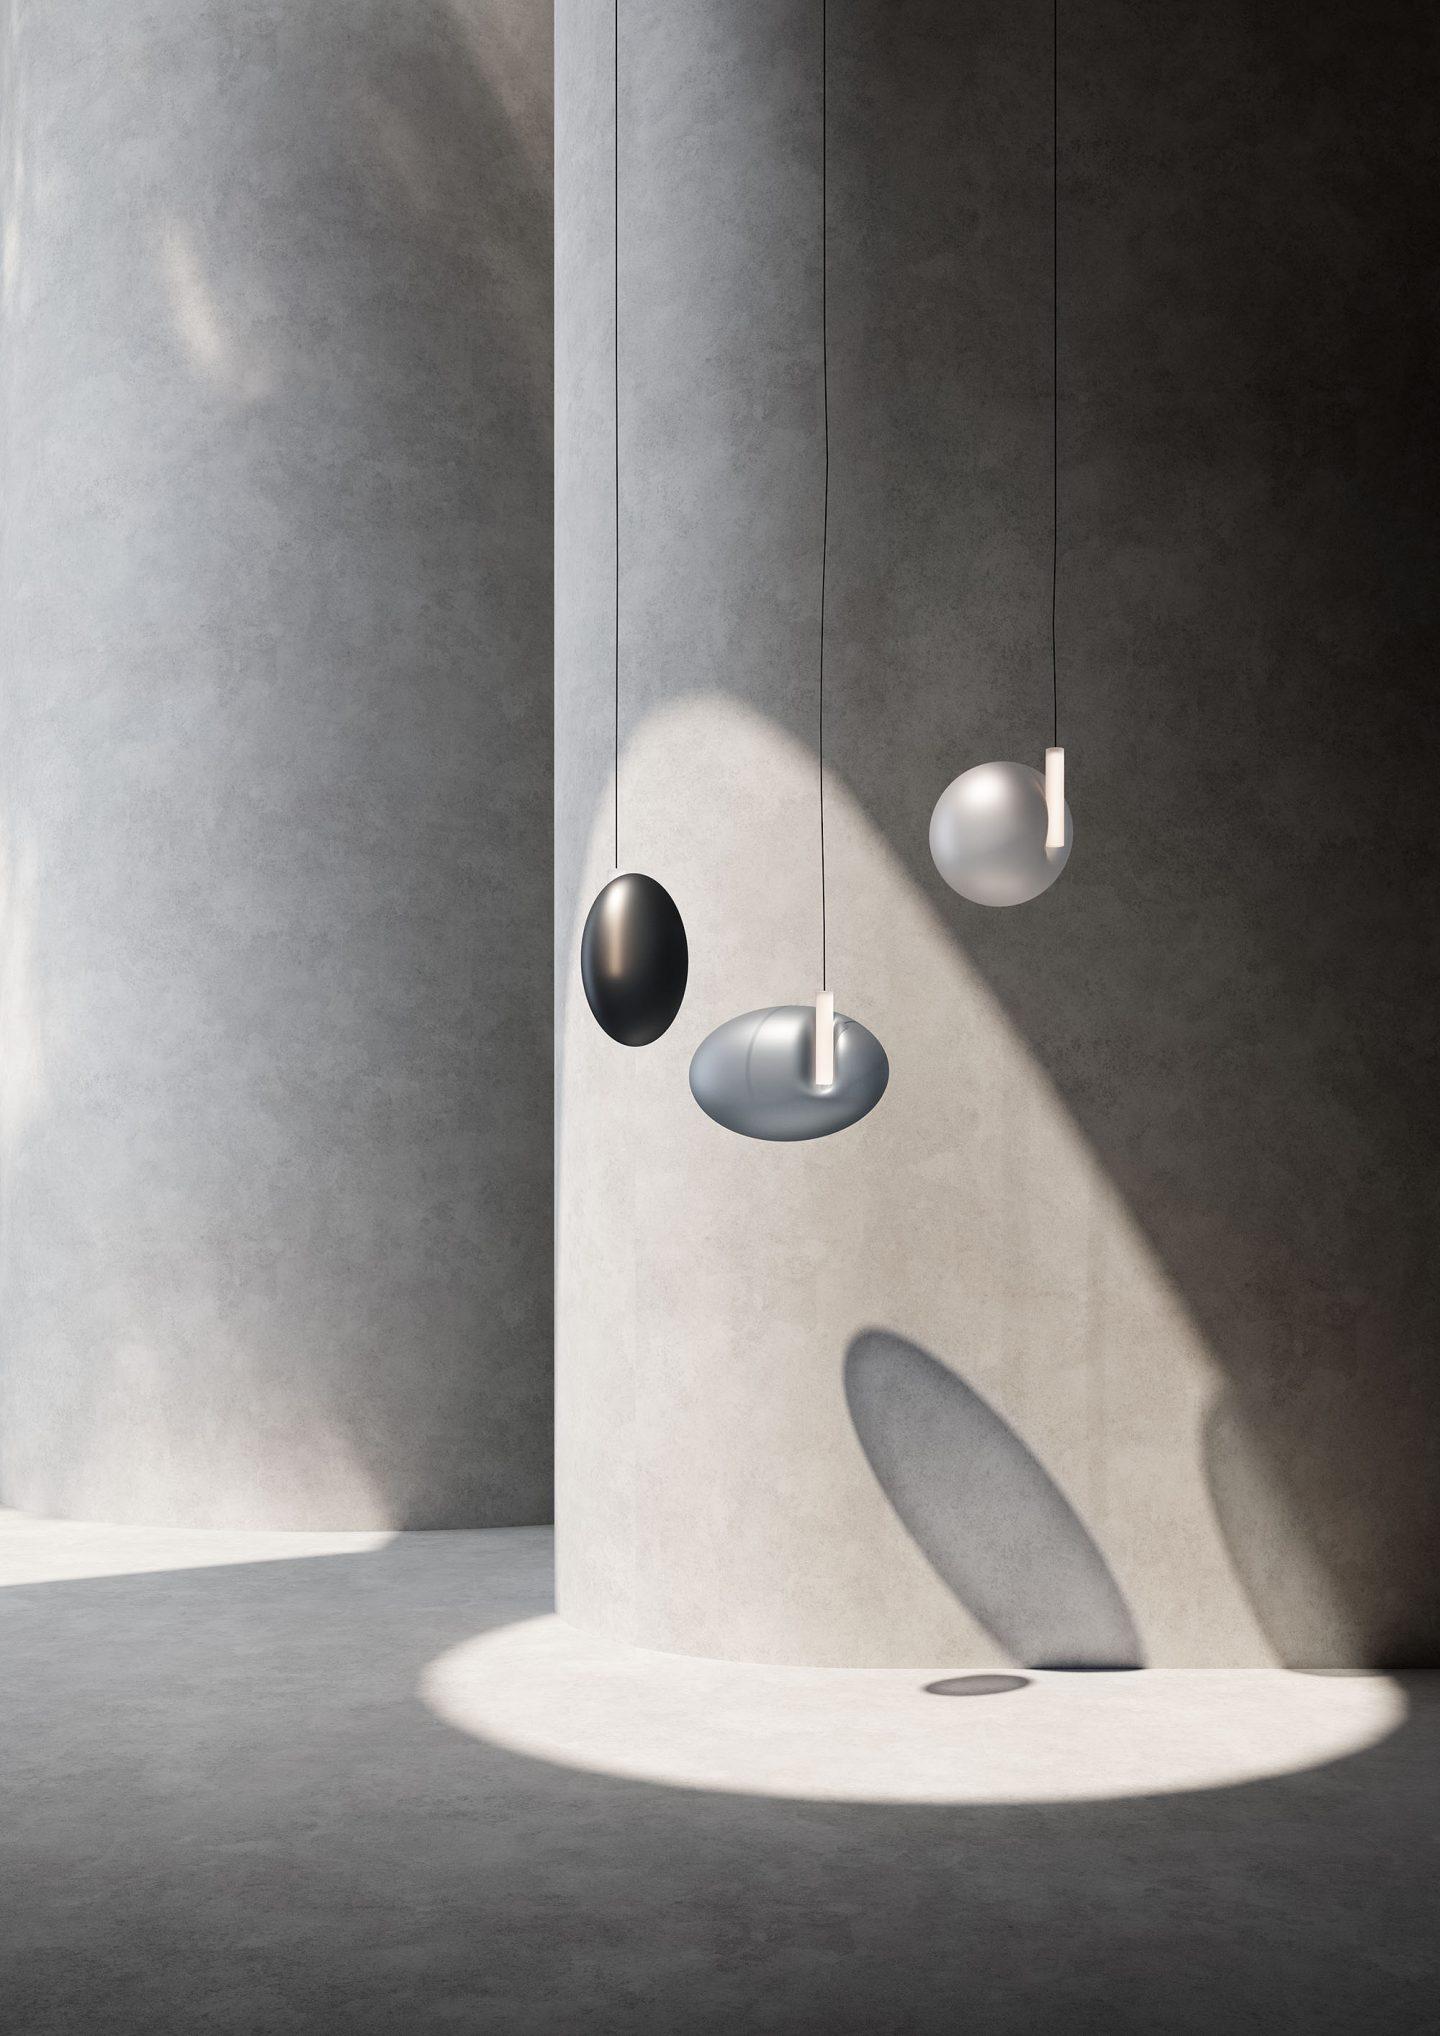 IGNANT-Design-MUTStudio-3D-Massimo-Colonna-Plum-Preciosa